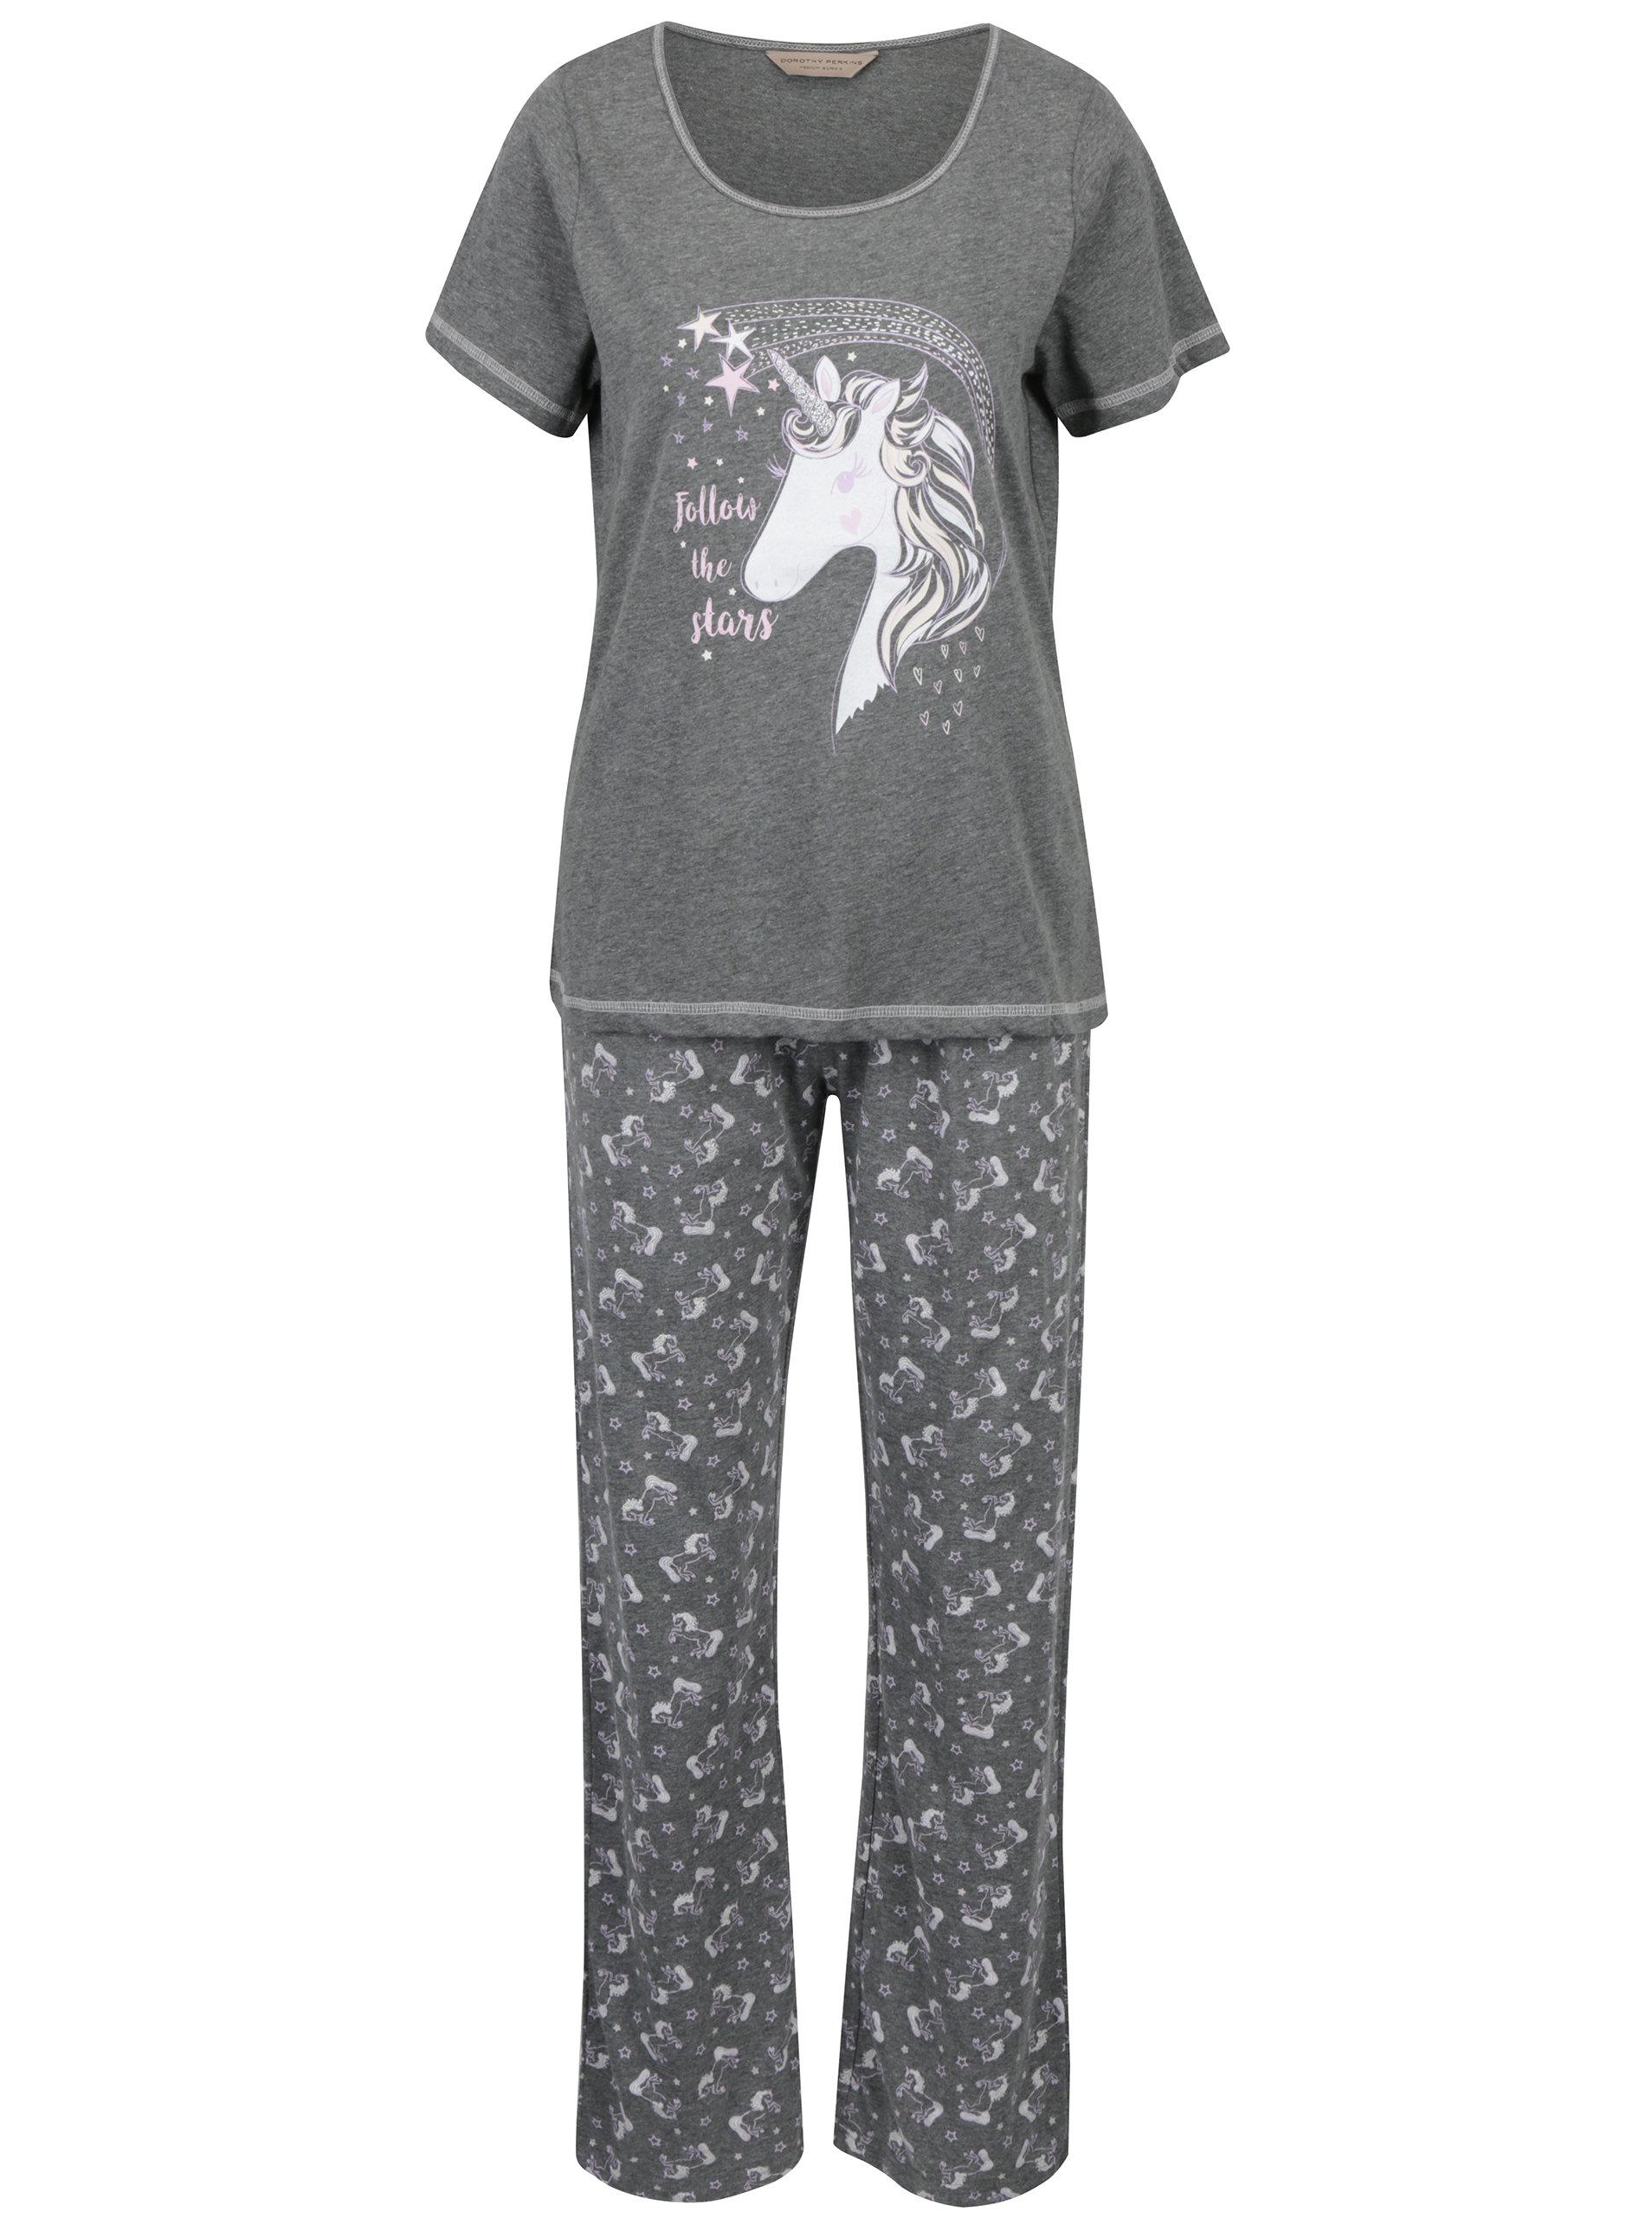 8cb569ac1 Sivé pyžamo s potlačou jednorožca Dorothy Perkins   ZOOT.sk